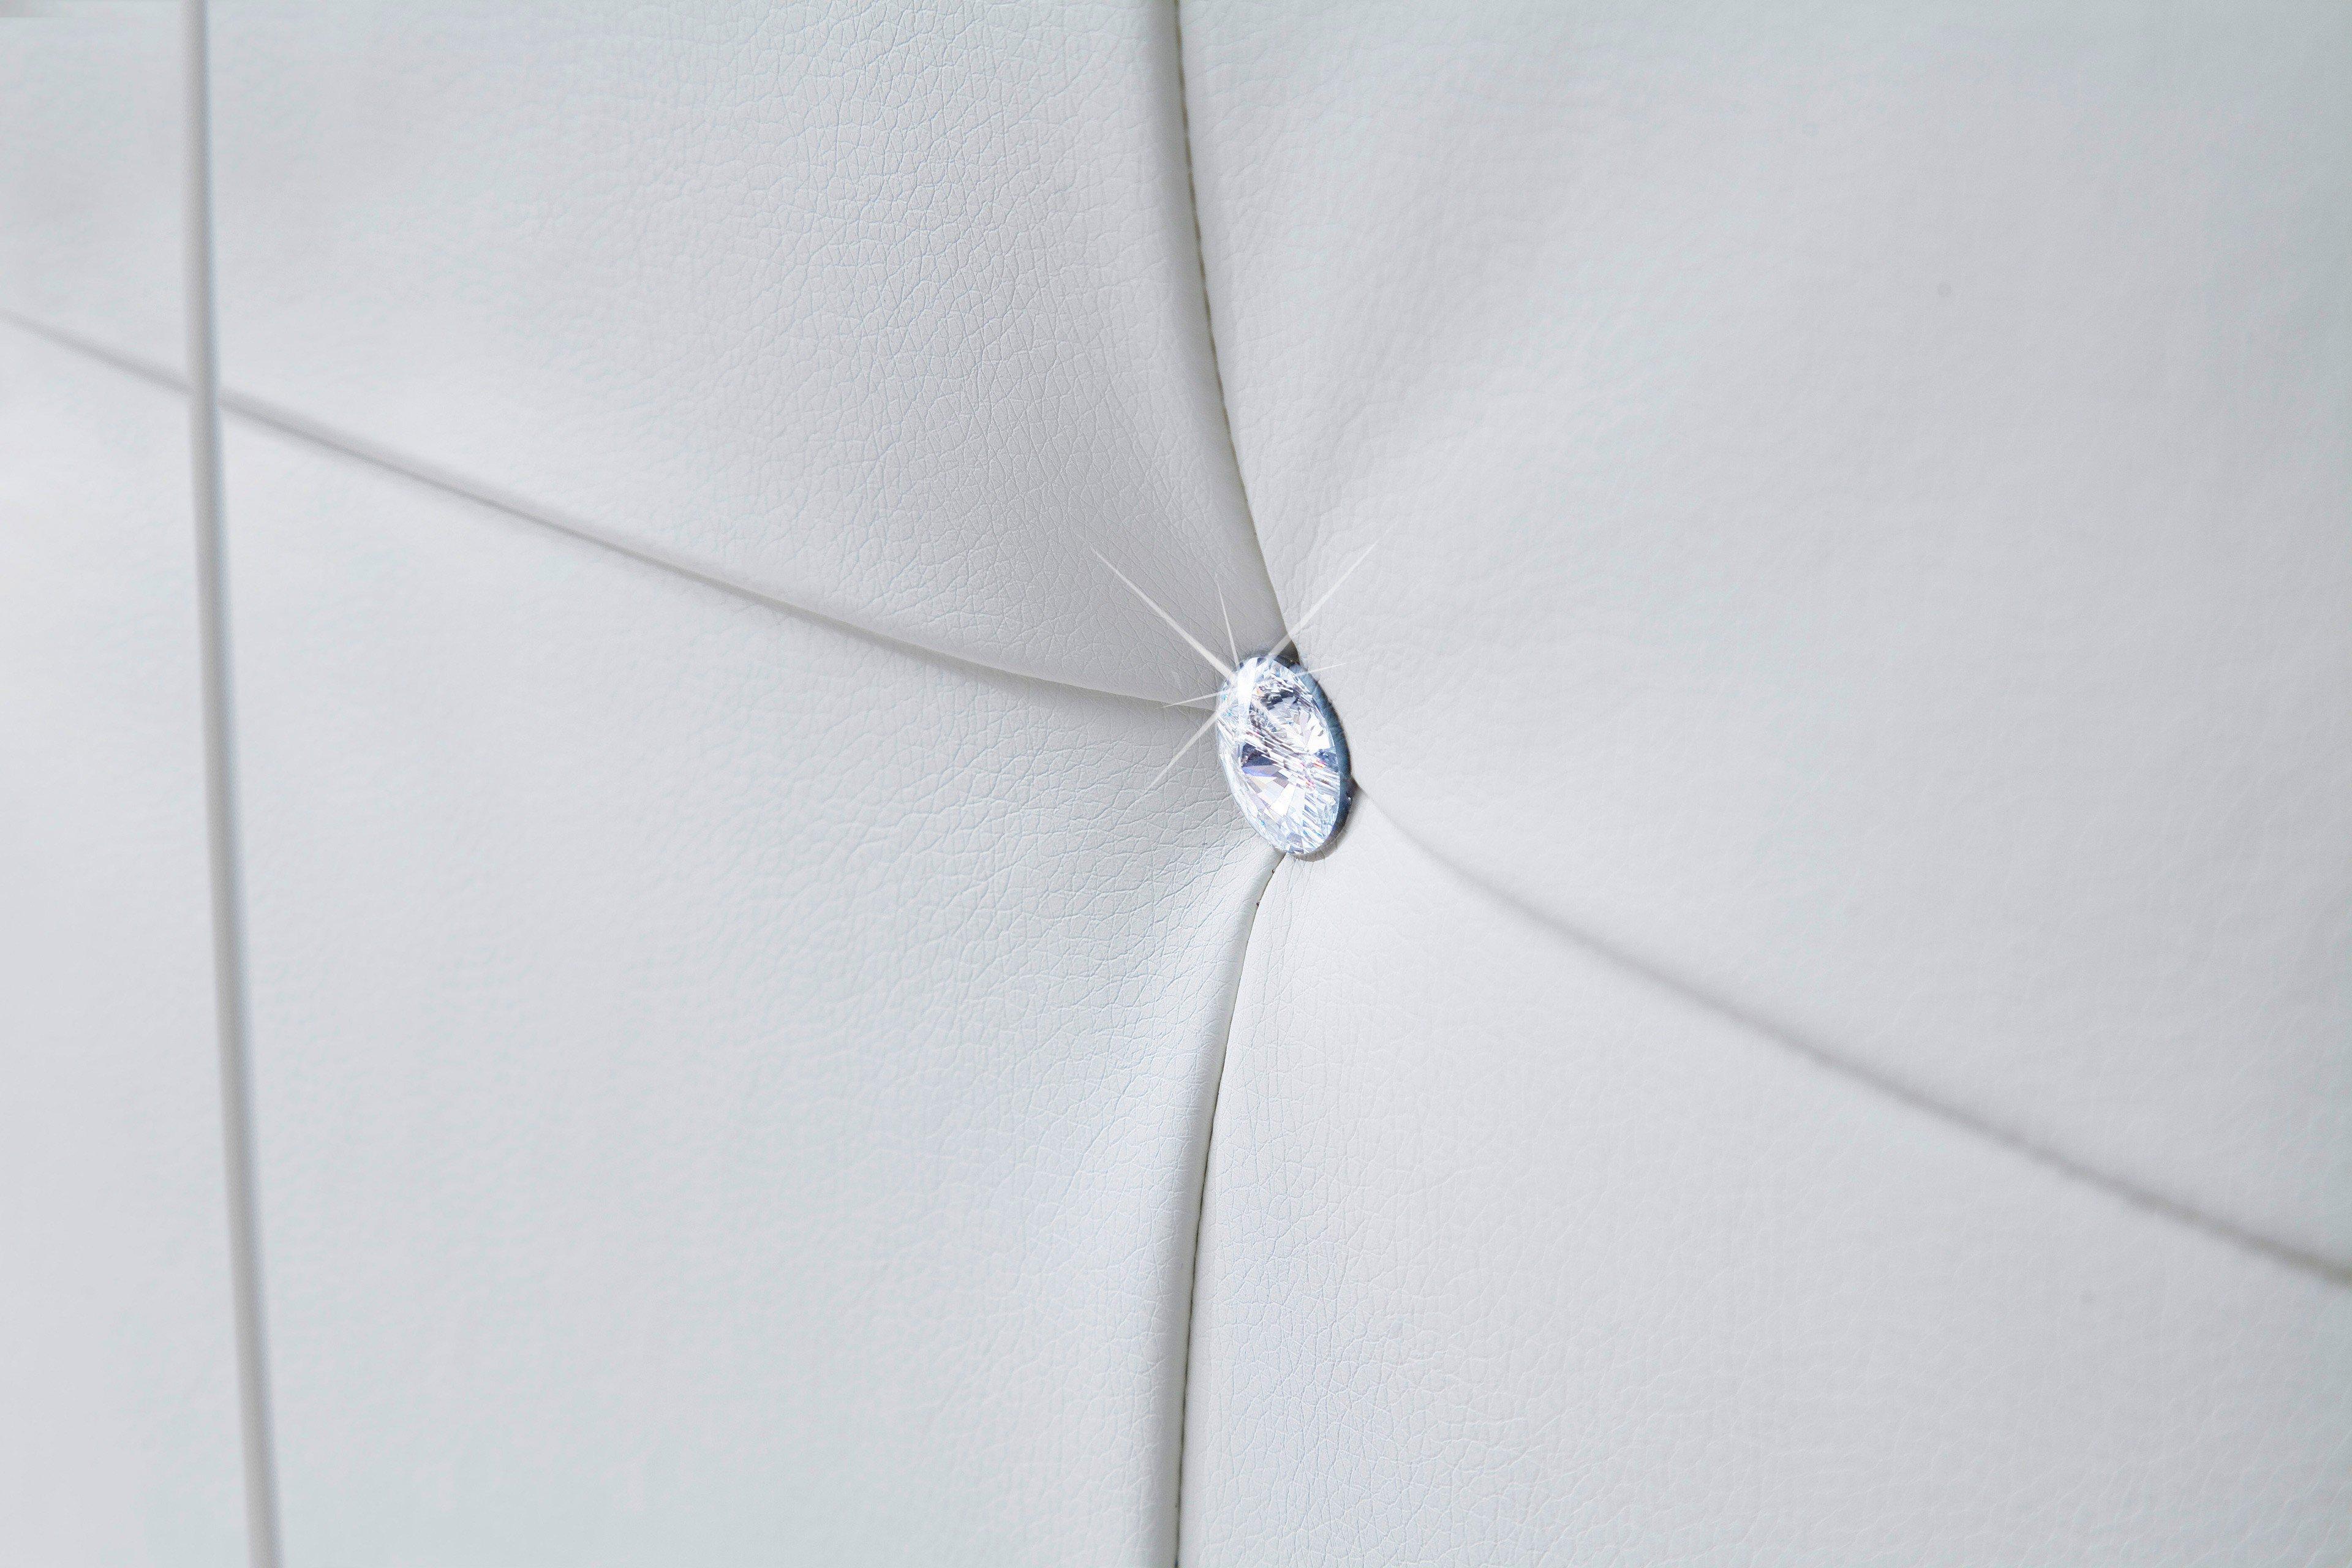 meise polsterbett cristallo mit swarovski kristallen im. Black Bedroom Furniture Sets. Home Design Ideas